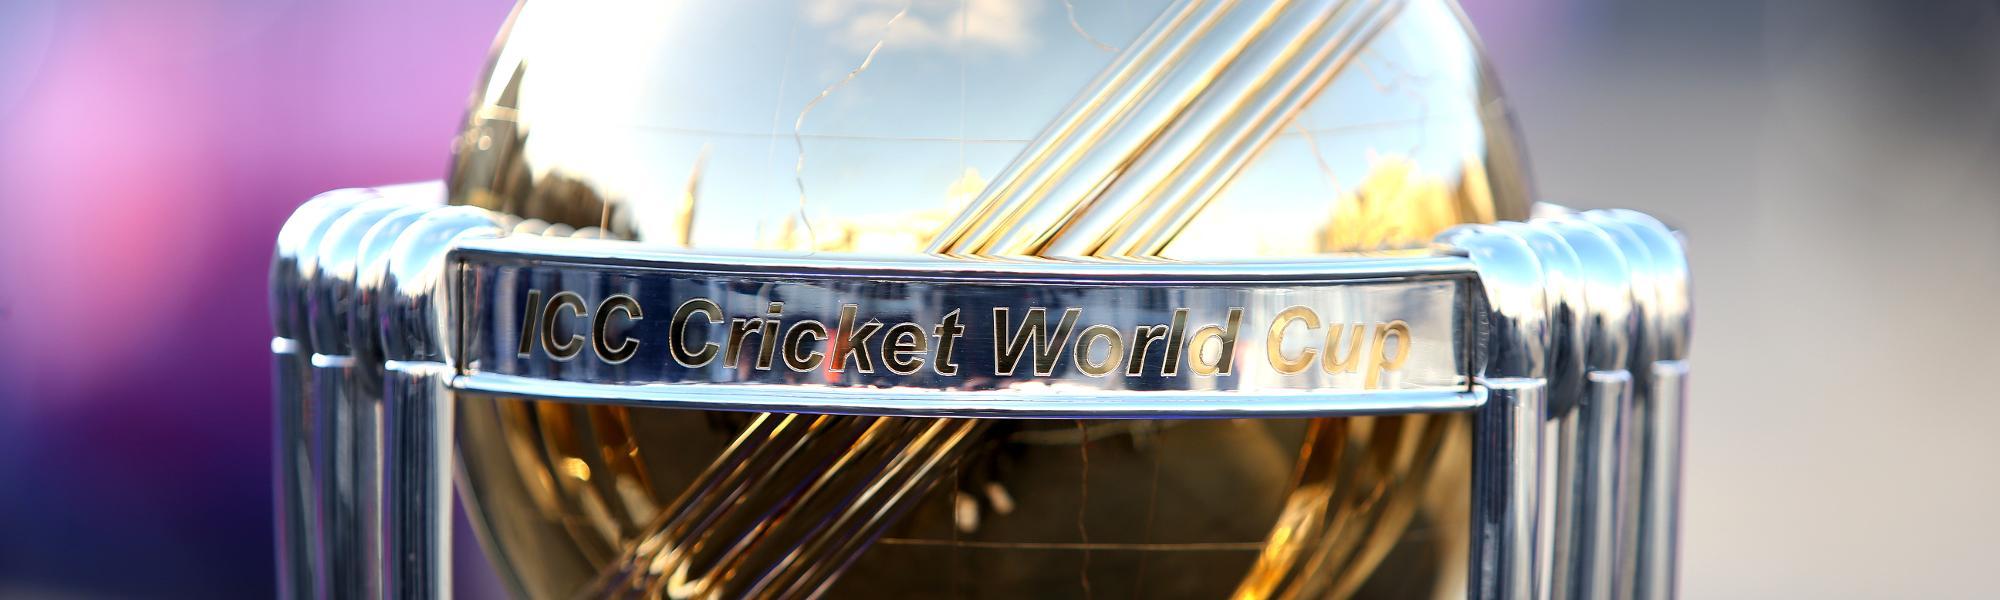 ICC Men's Cricket World Cup Trophy